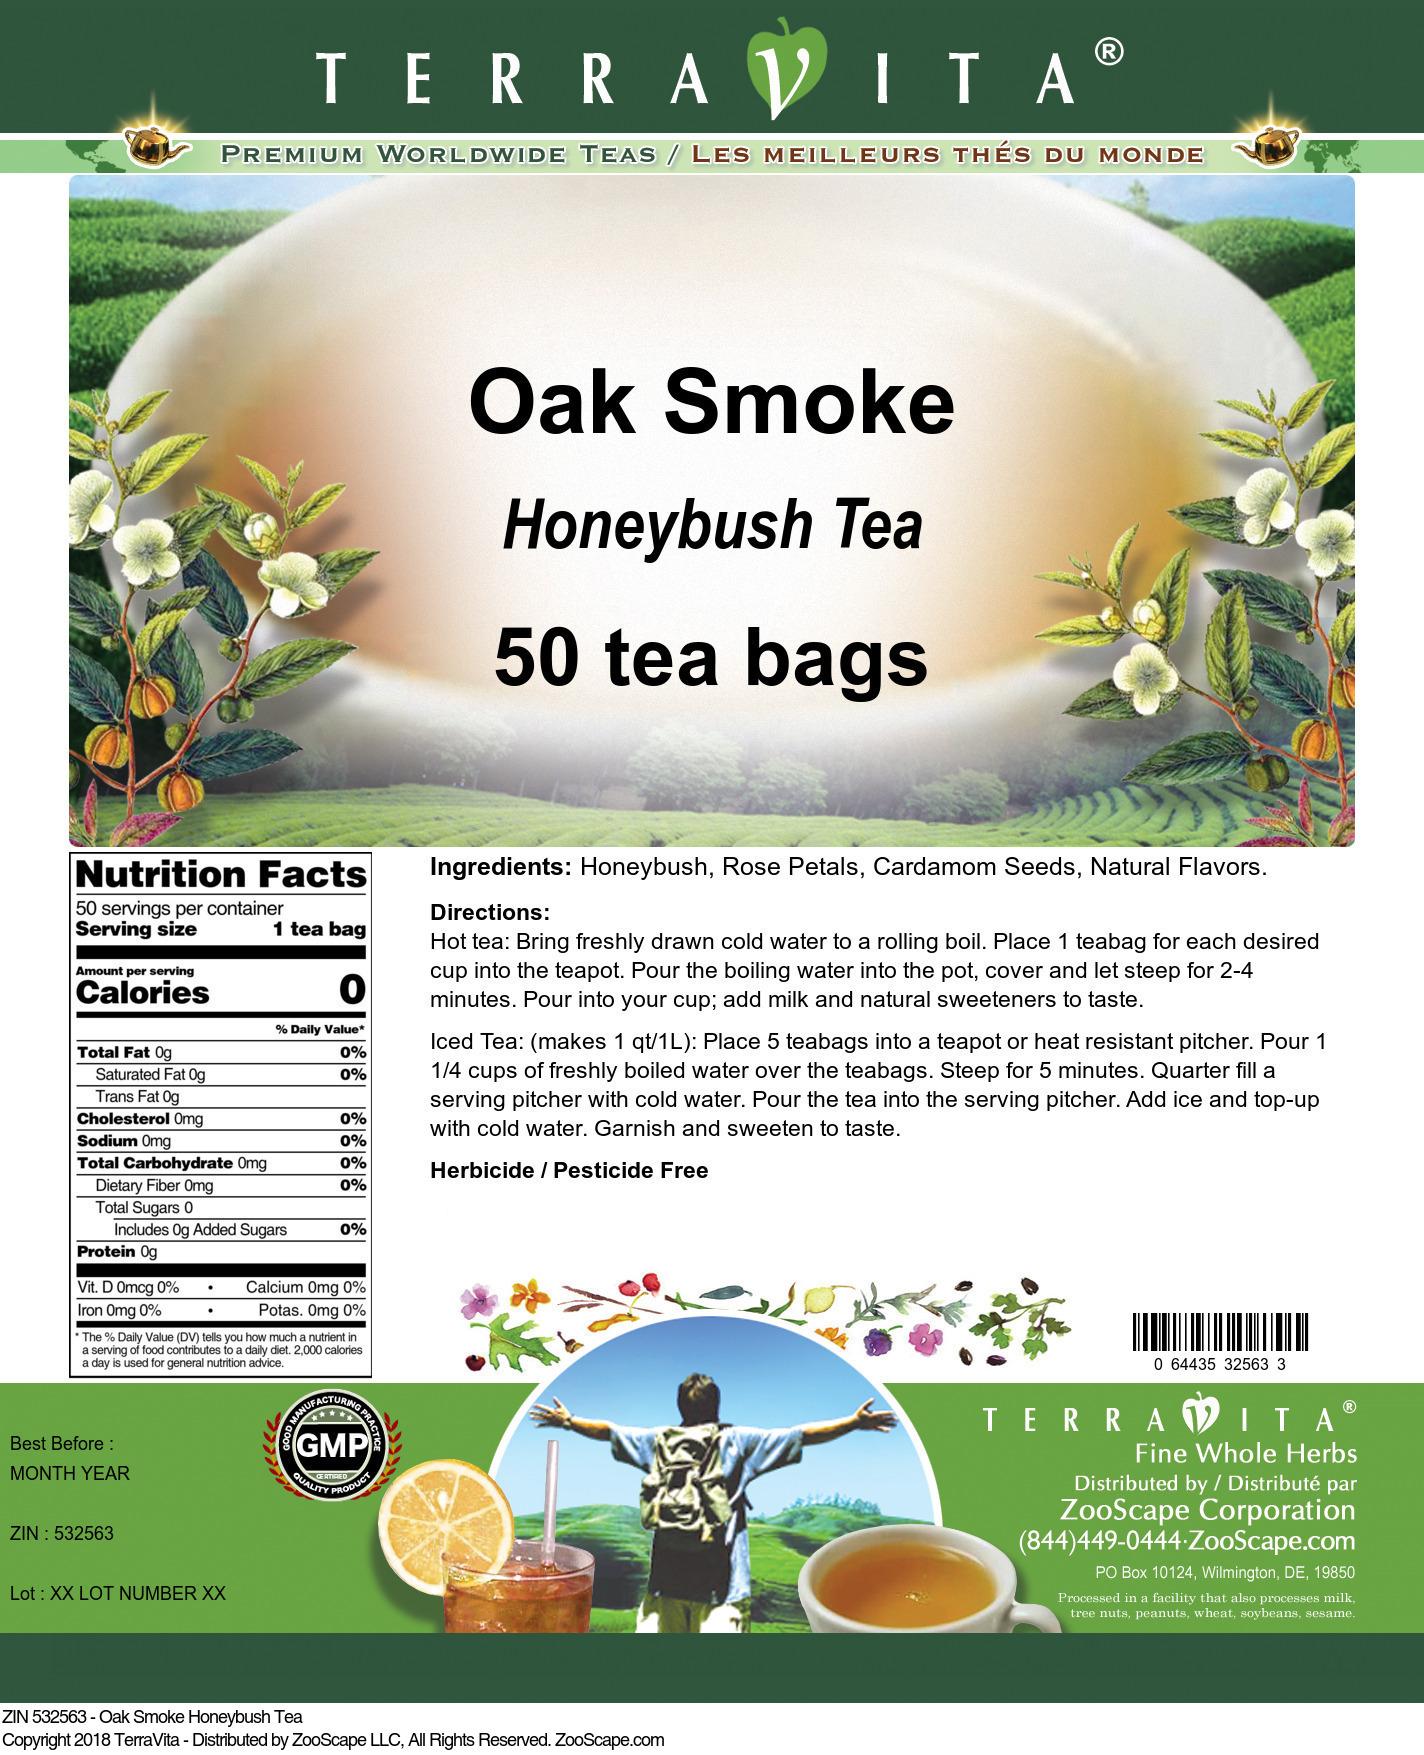 Oak Smoke Honeybush Tea